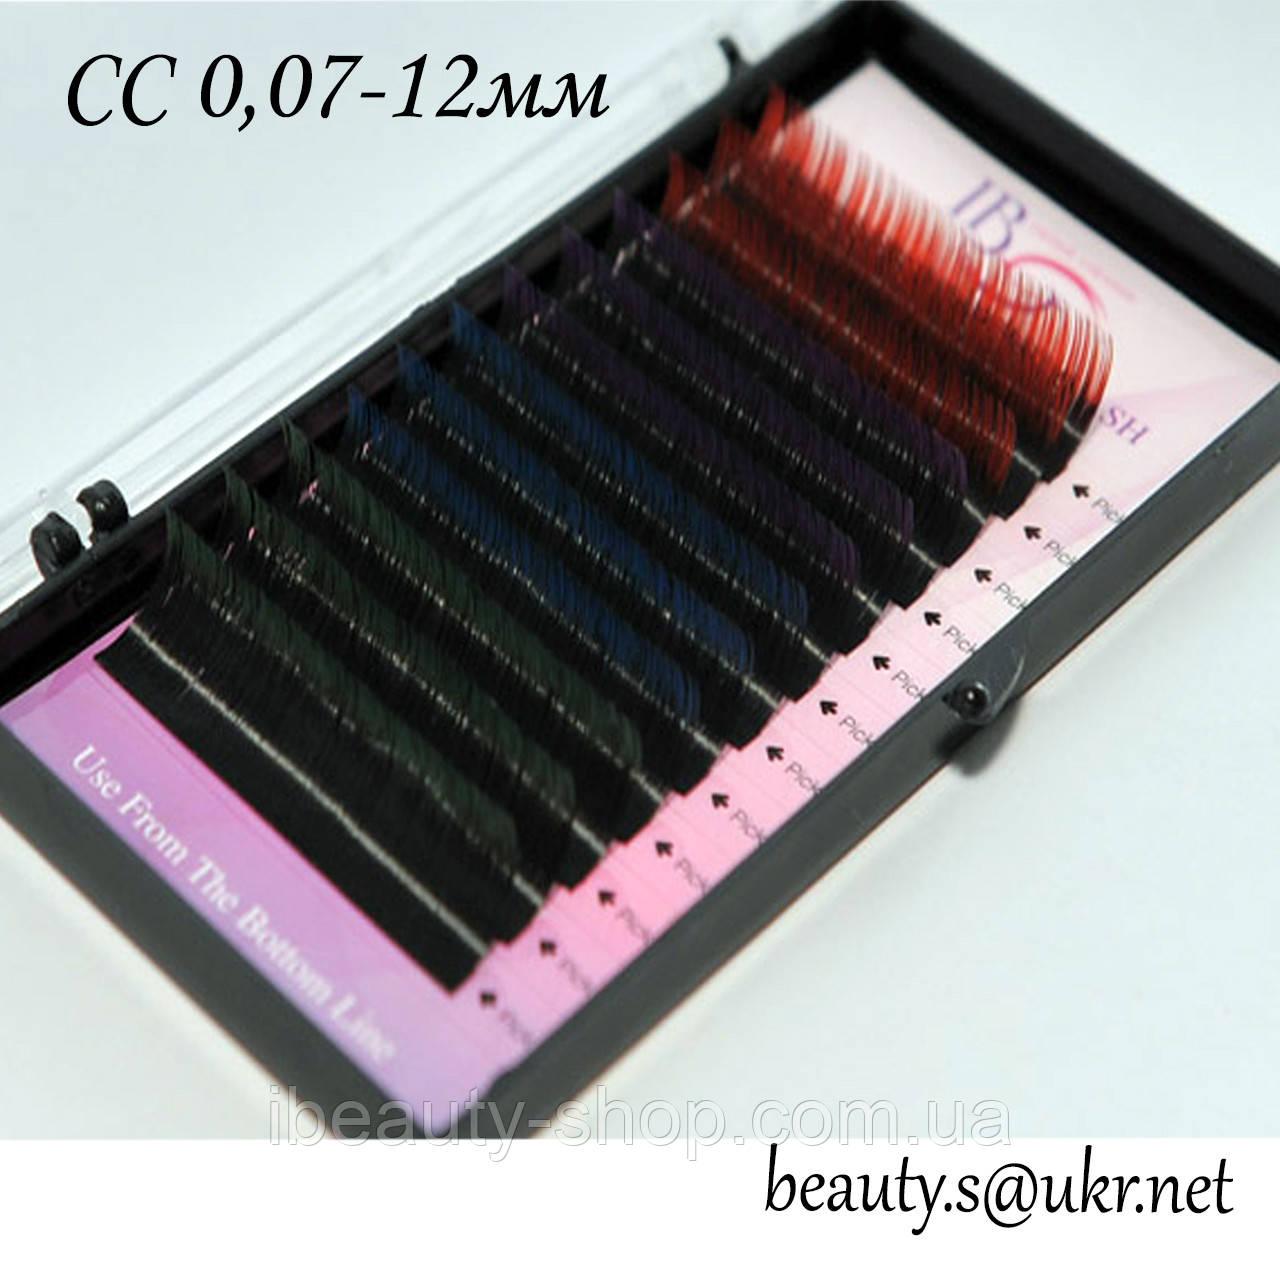 Вії I-Beauty, CC 0,07-12мм,кольорові кінці,4 кольори